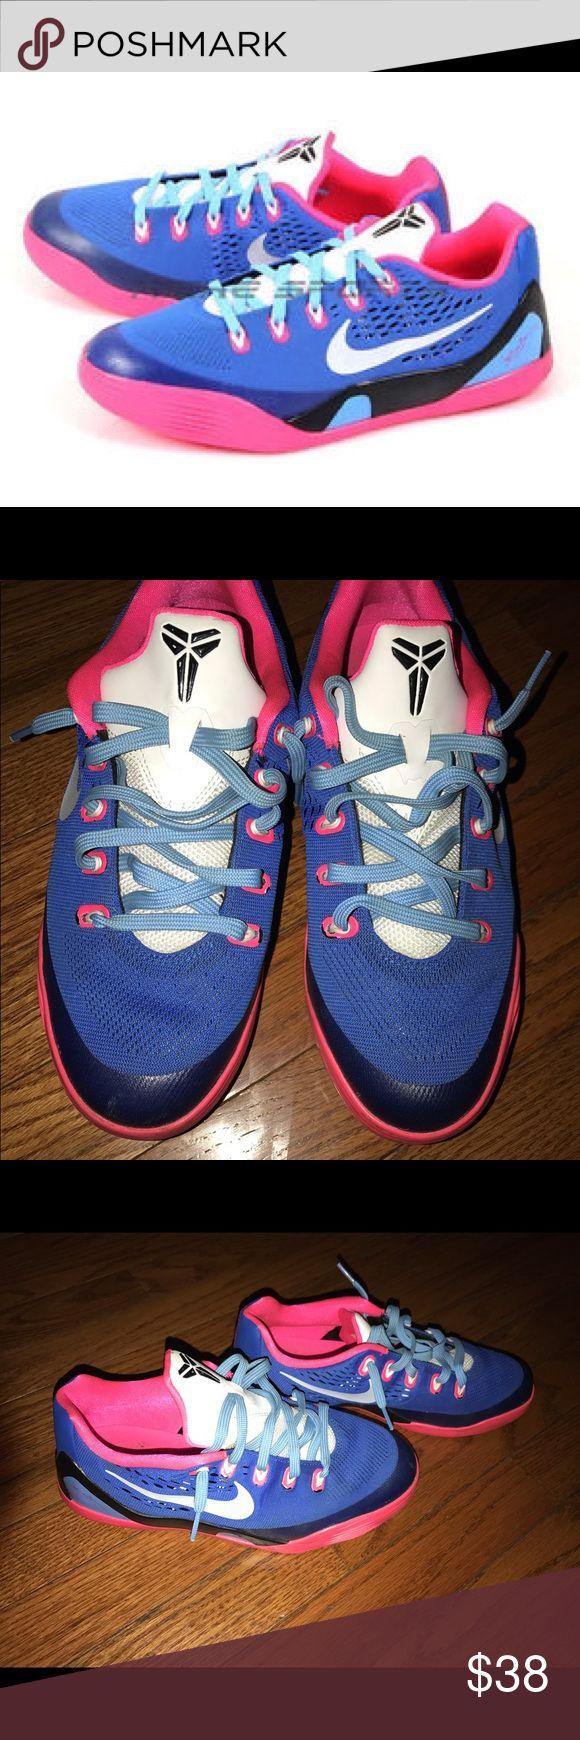 NIKE KOBE 9 EM Pink/Colbalt ⛹🏽♀️⛹🏾🏀 NIKE KOBE 9 EM Pink/Colbalt ⛹🏽♀️⛹🏾🏀 Nike Shoes Sneakers